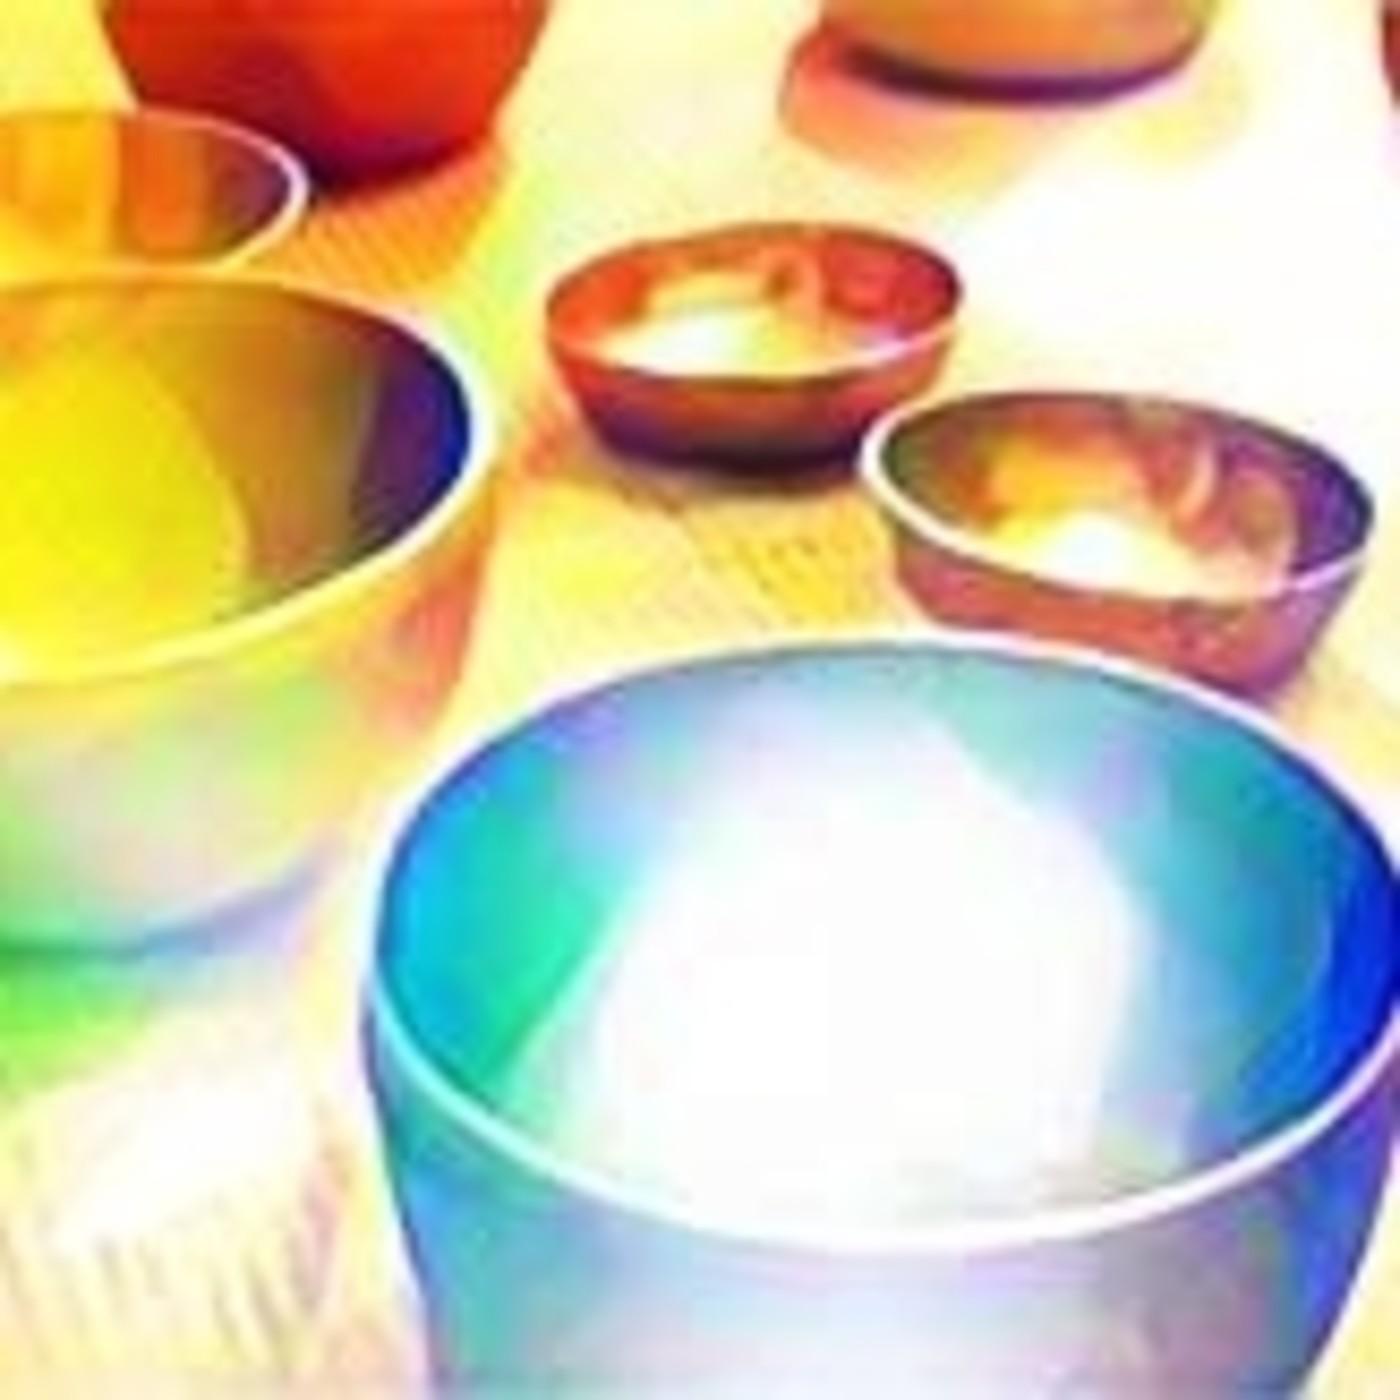 Cuencos tibetanos - música sanadora para el alma